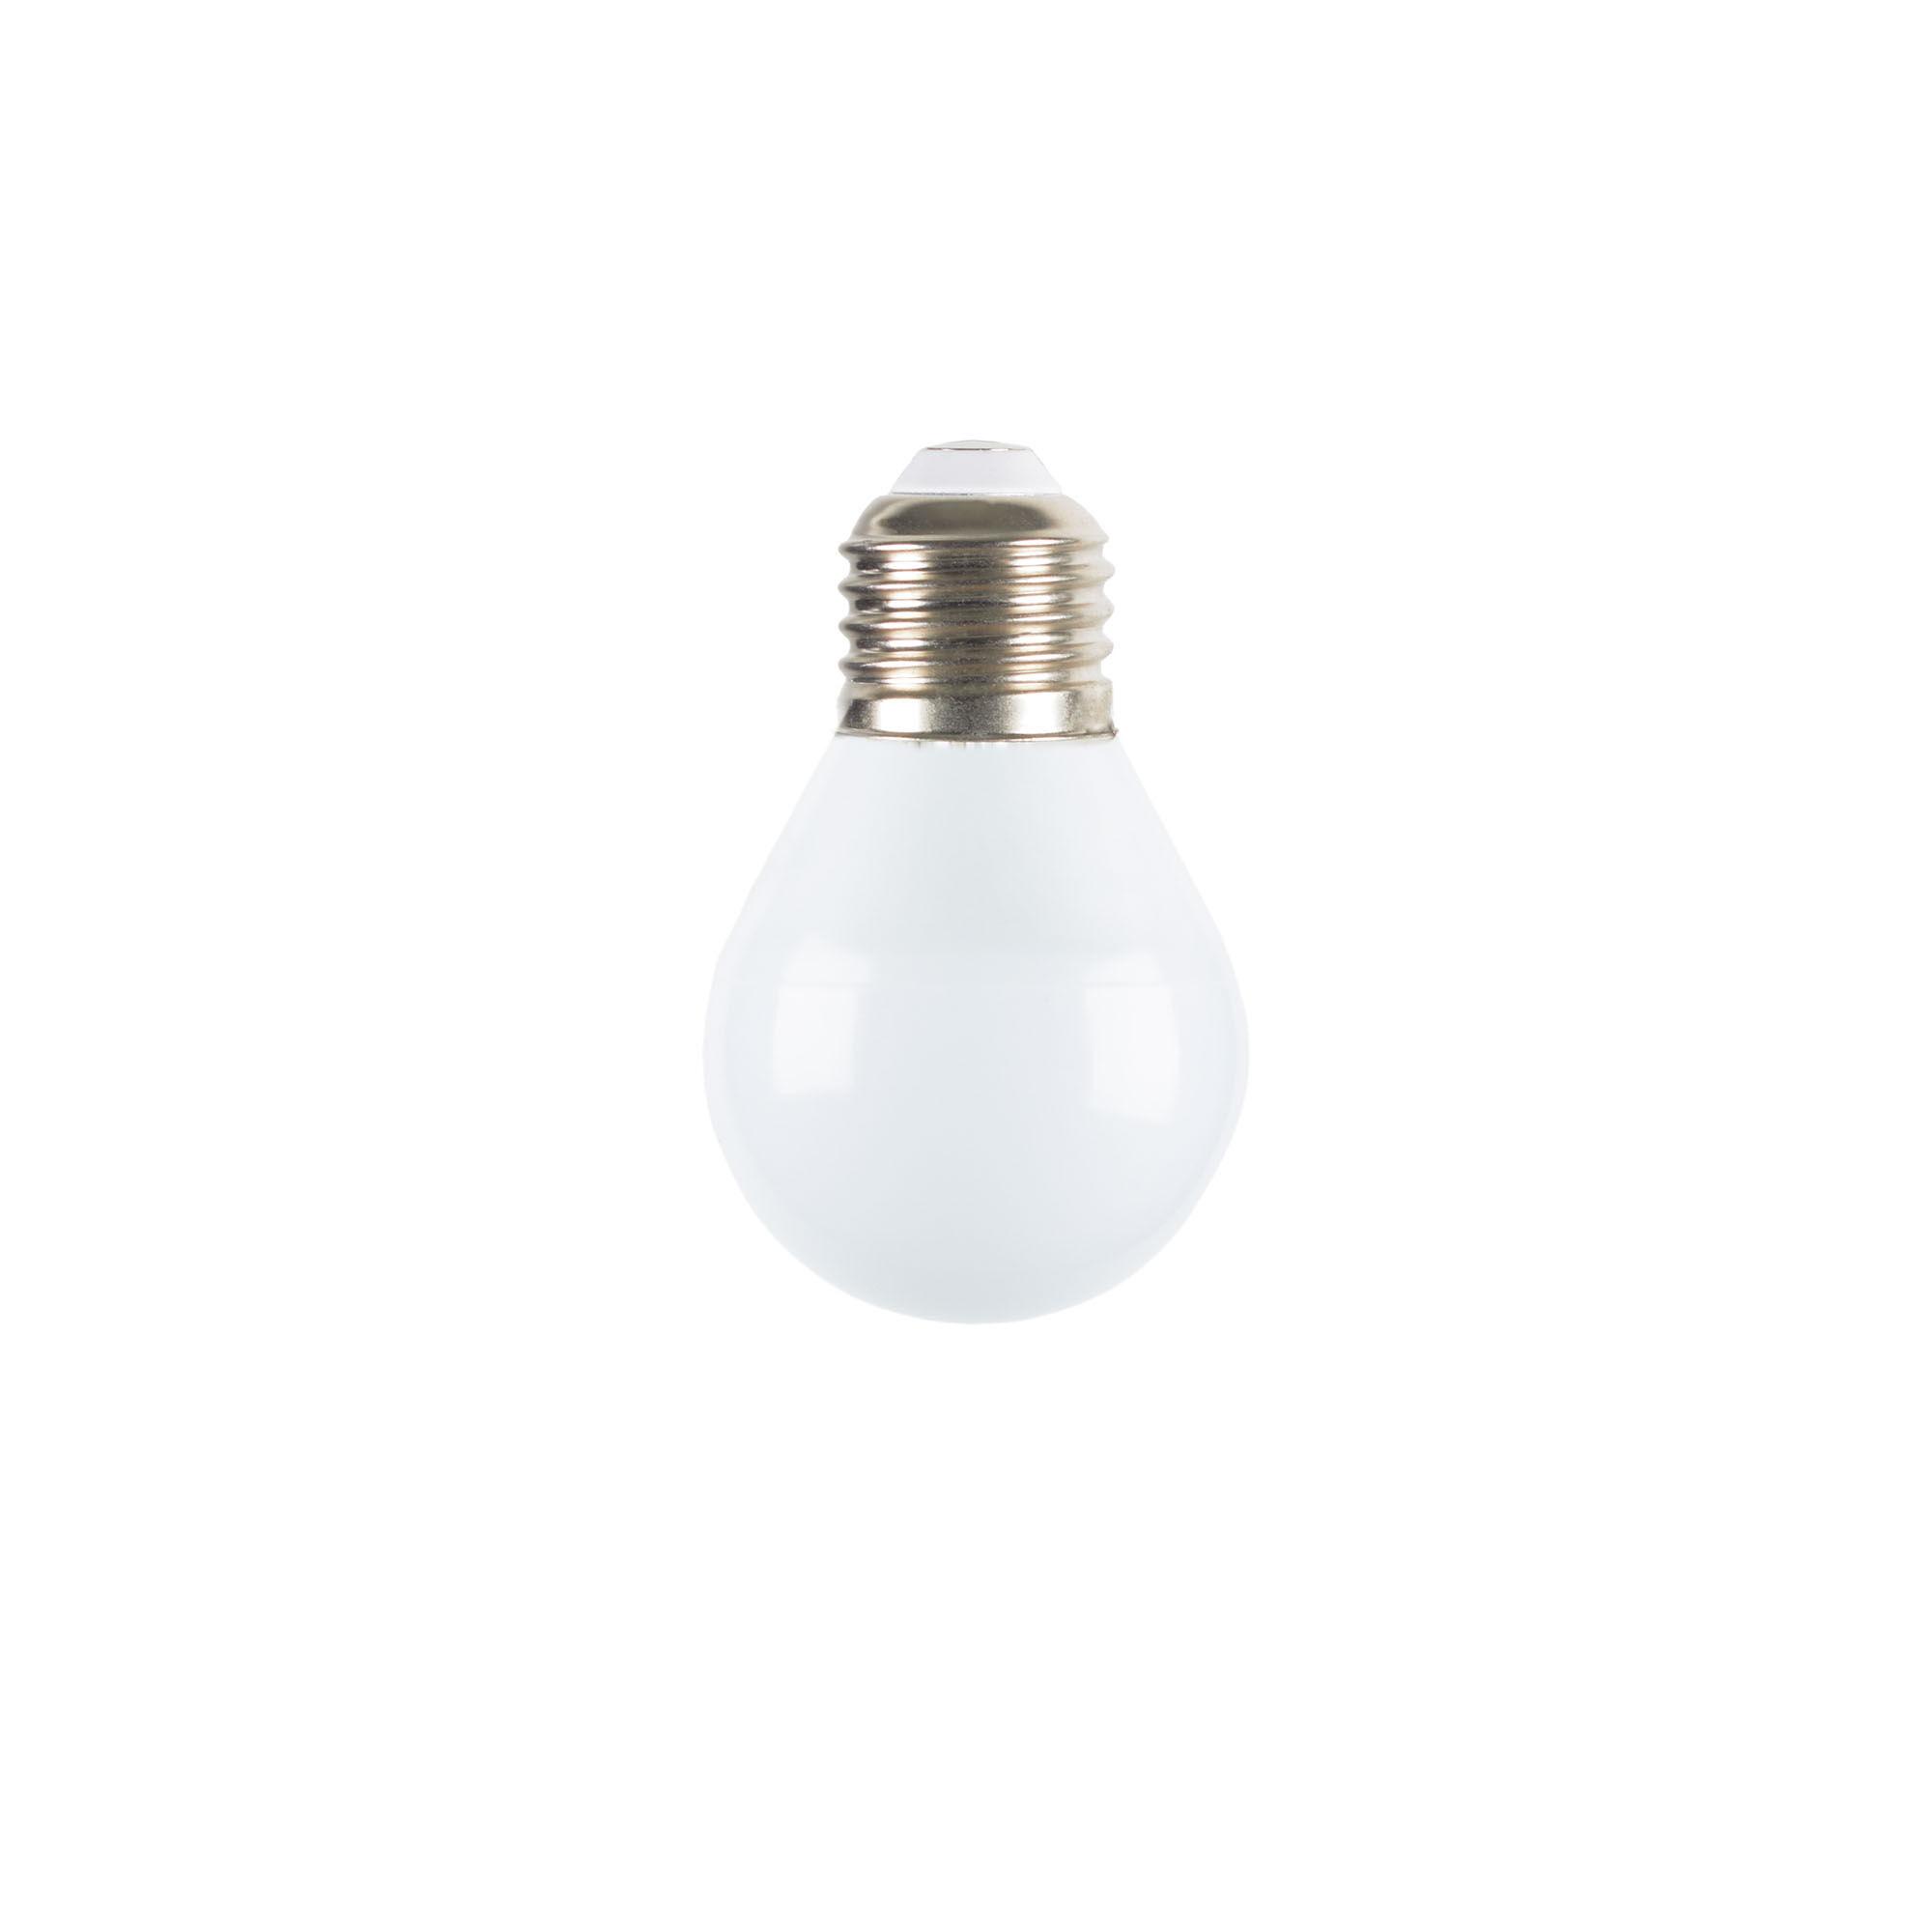 Kave Home Lampadina LED Bulb E27 da 3W e 45 mm luce neutra